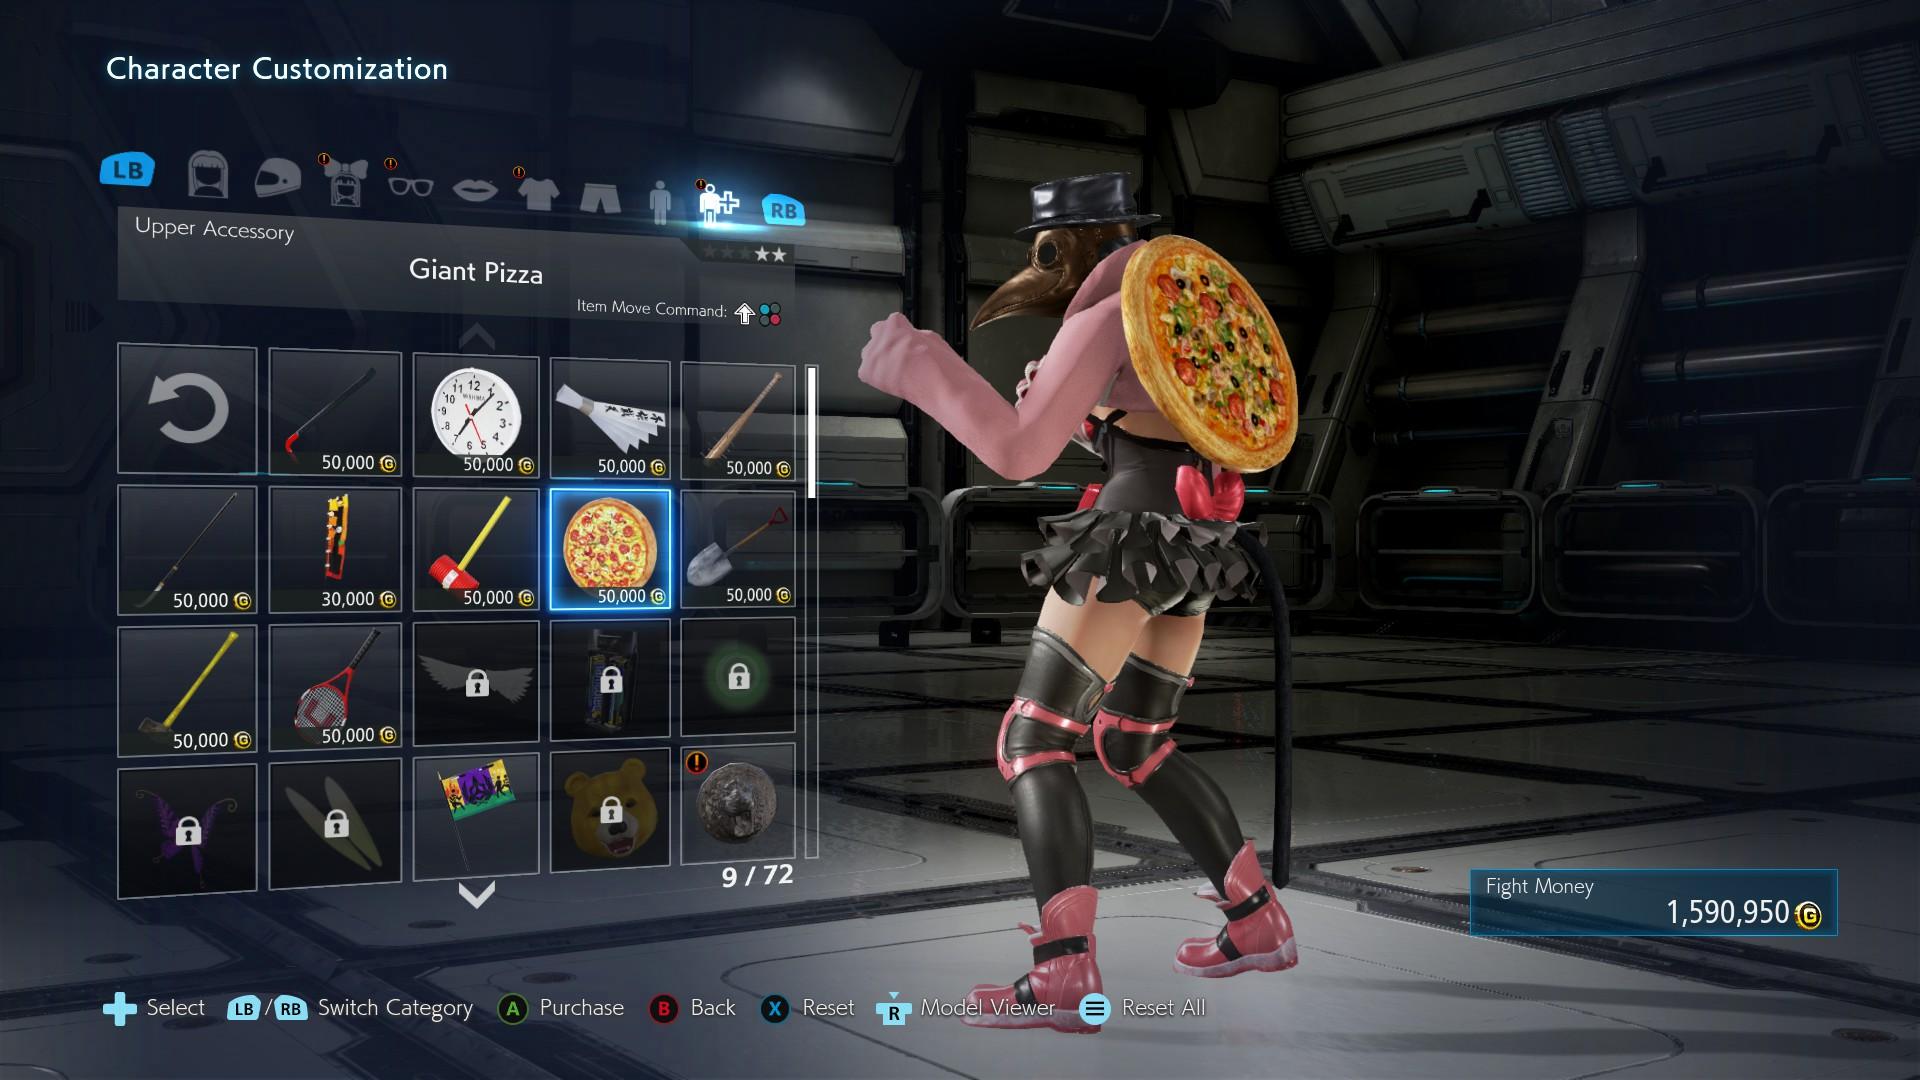 Tekken 7 - jde se bojovat o čest, slávu, peníze a nový klobouk 145298